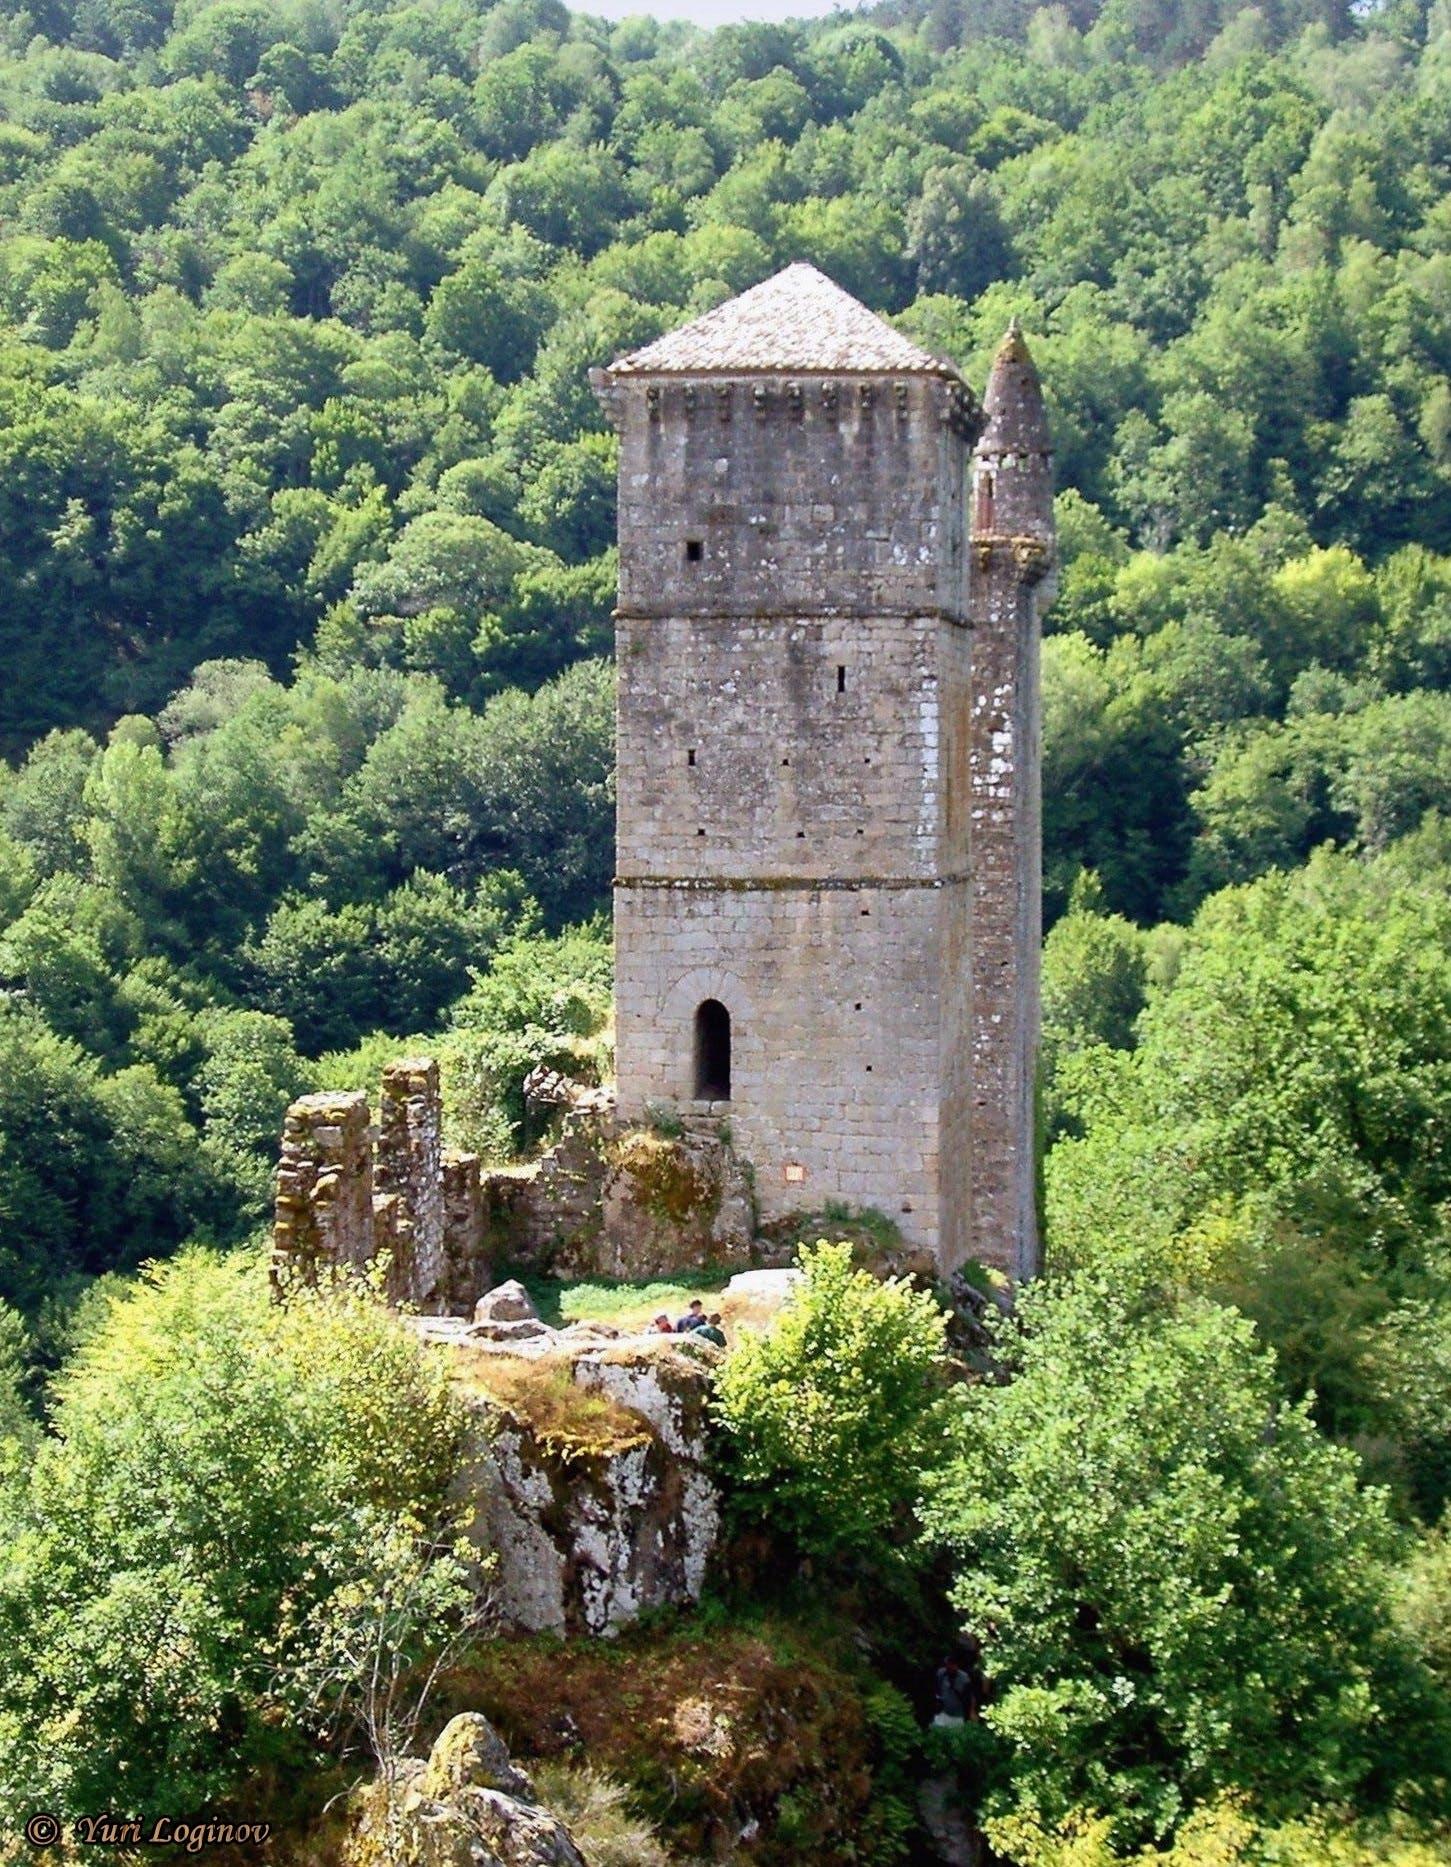 france, Saint-Geniez-ô-Merle, Tours de Merle